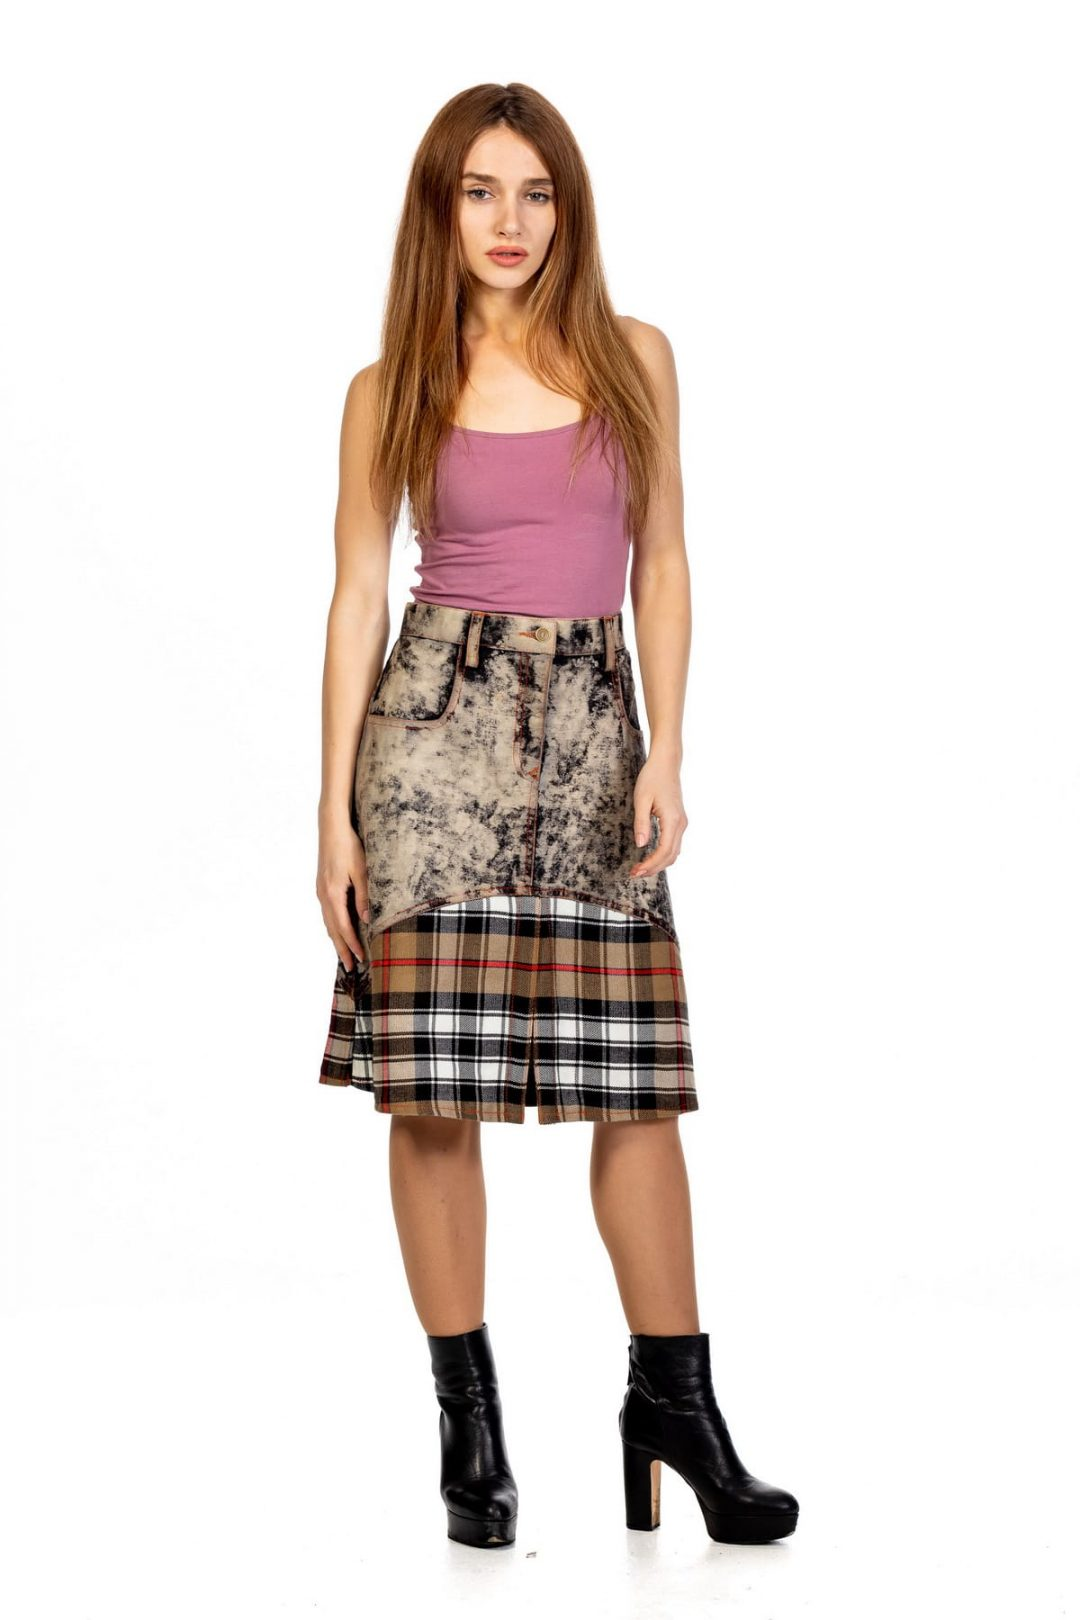 Denim Tartan Skirt For Decent Girl